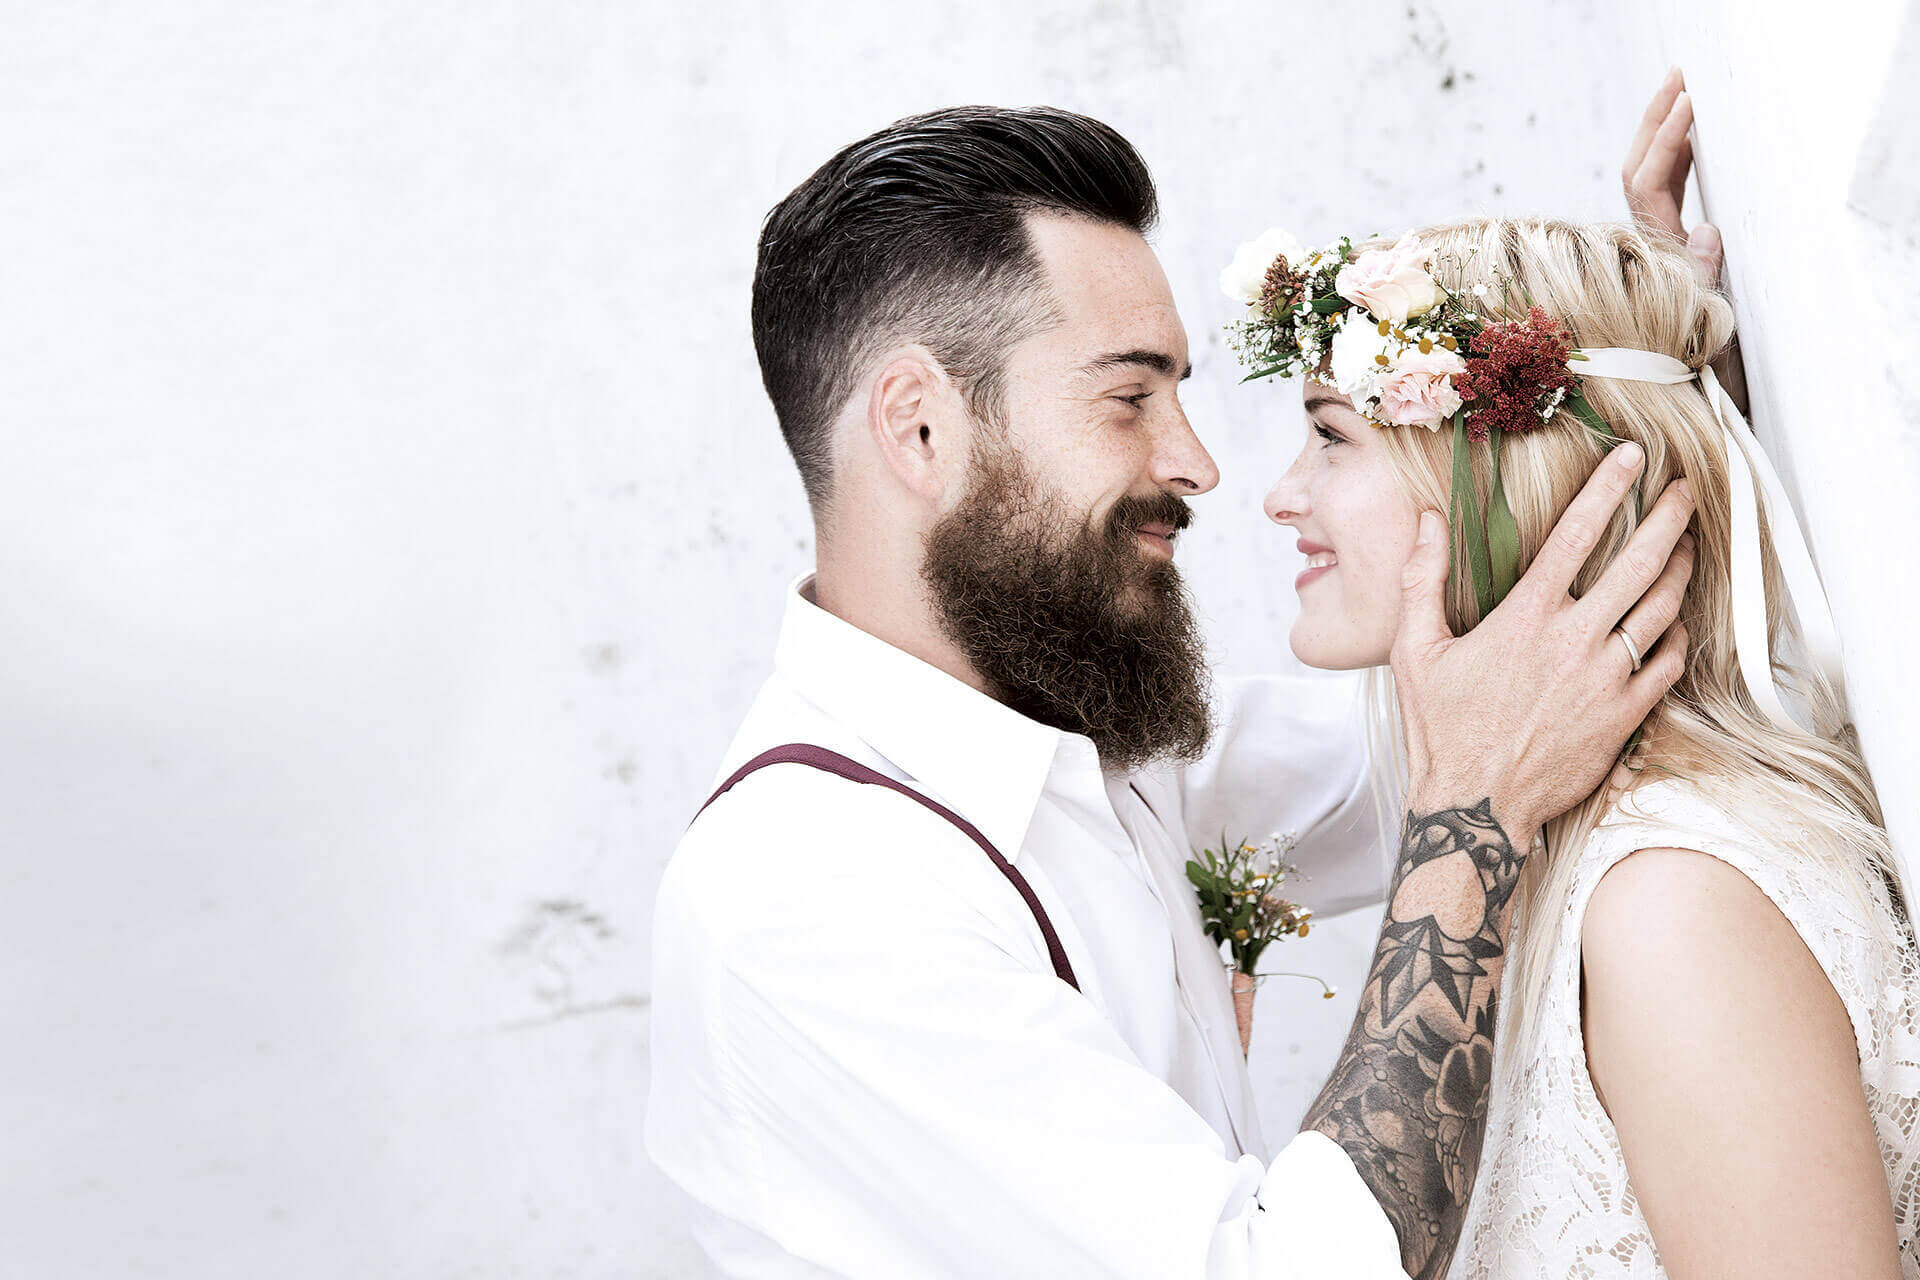 Eva schaut ihrem Adam tief in die Augen. Sie freut sich das endlich die Hochzeit naht.